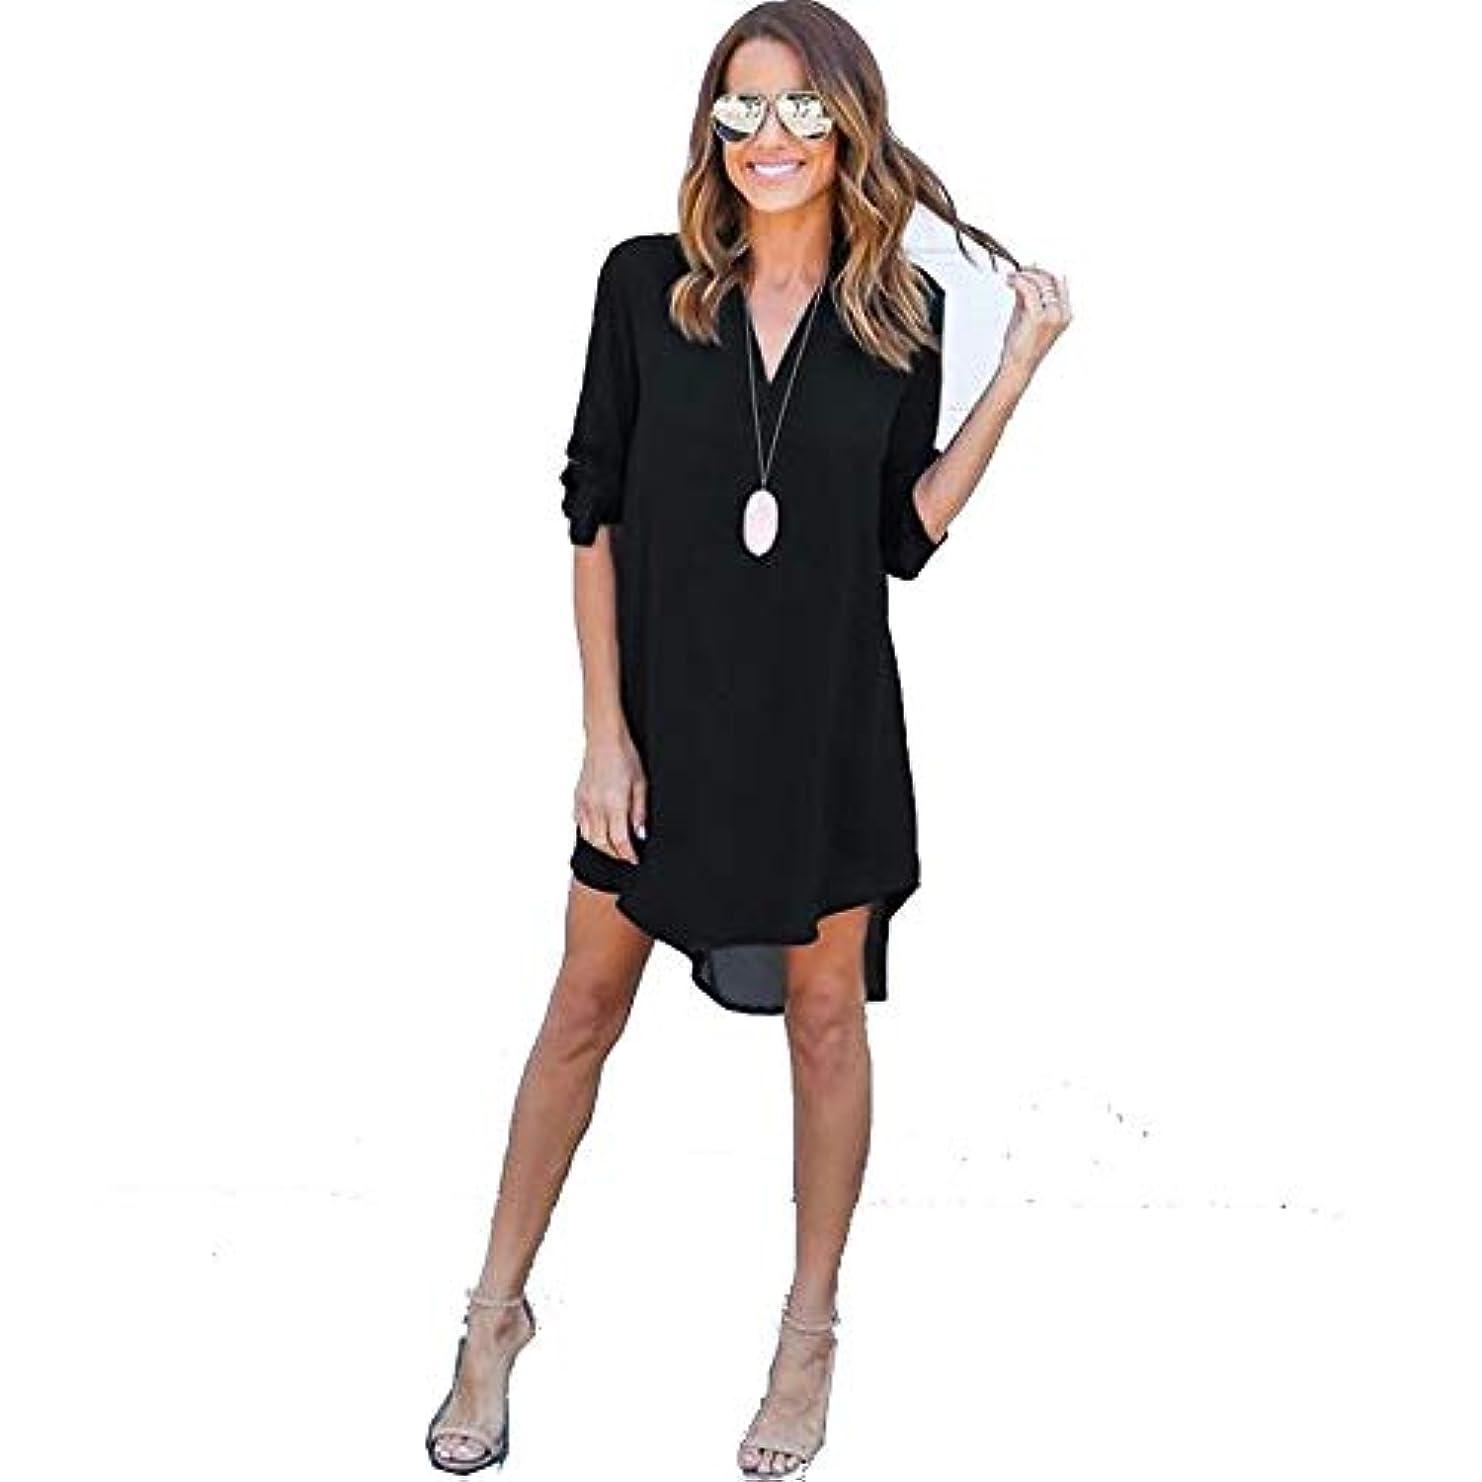 接ぎ木仕出します自分自身MIFAN女性ドレス、シフォン、Vネック、無地、長袖、ゆったり、ミニドレス、Tシャツドレス